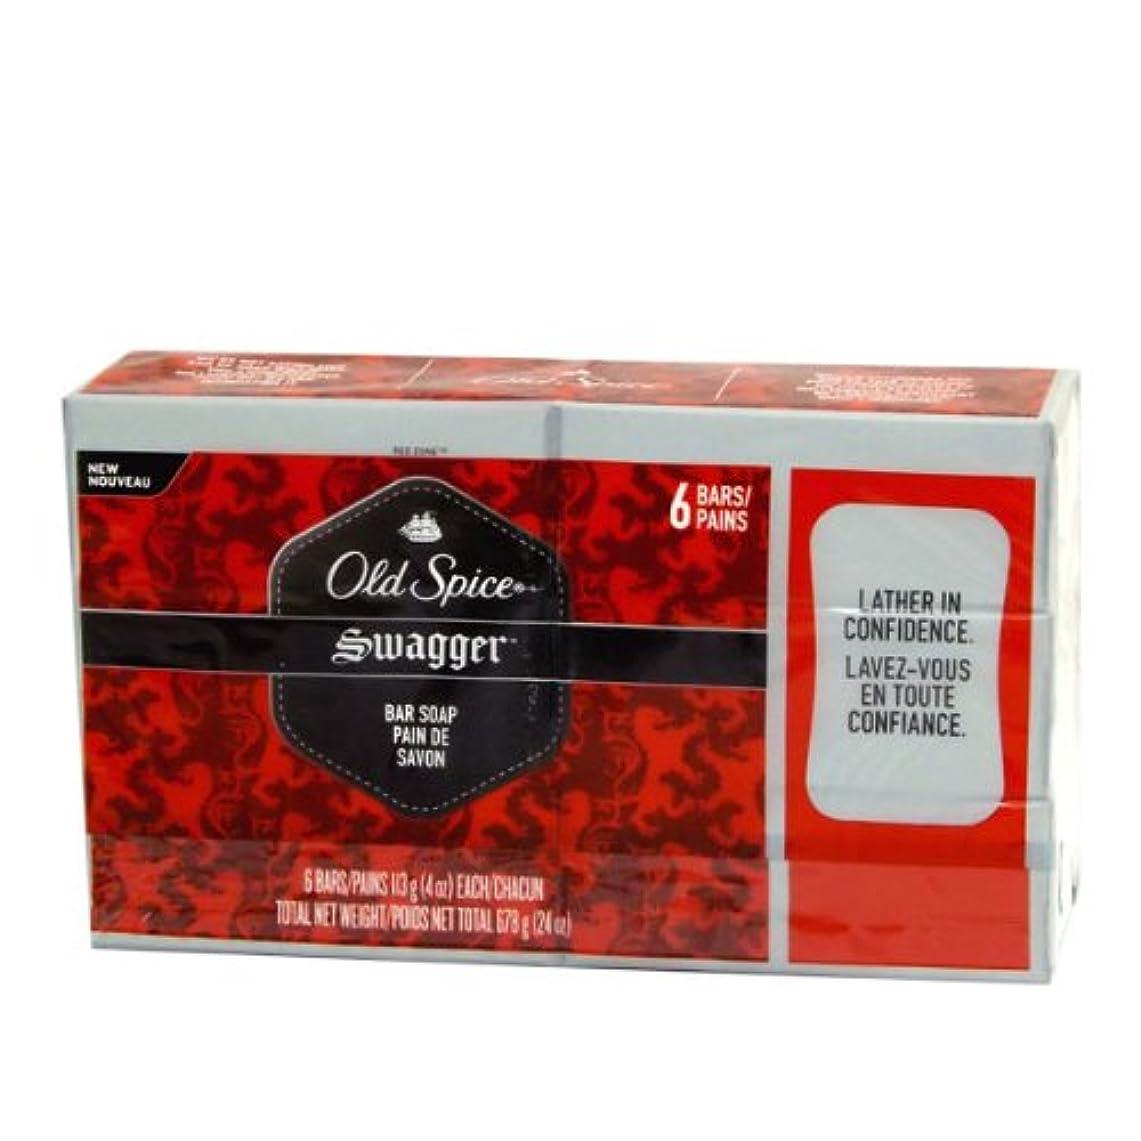 ワイヤーうめき行方不明Old spice bar soap swagger オールドスパイス バーソープ スワガー (石鹸) 6個パック [並行輸入品]